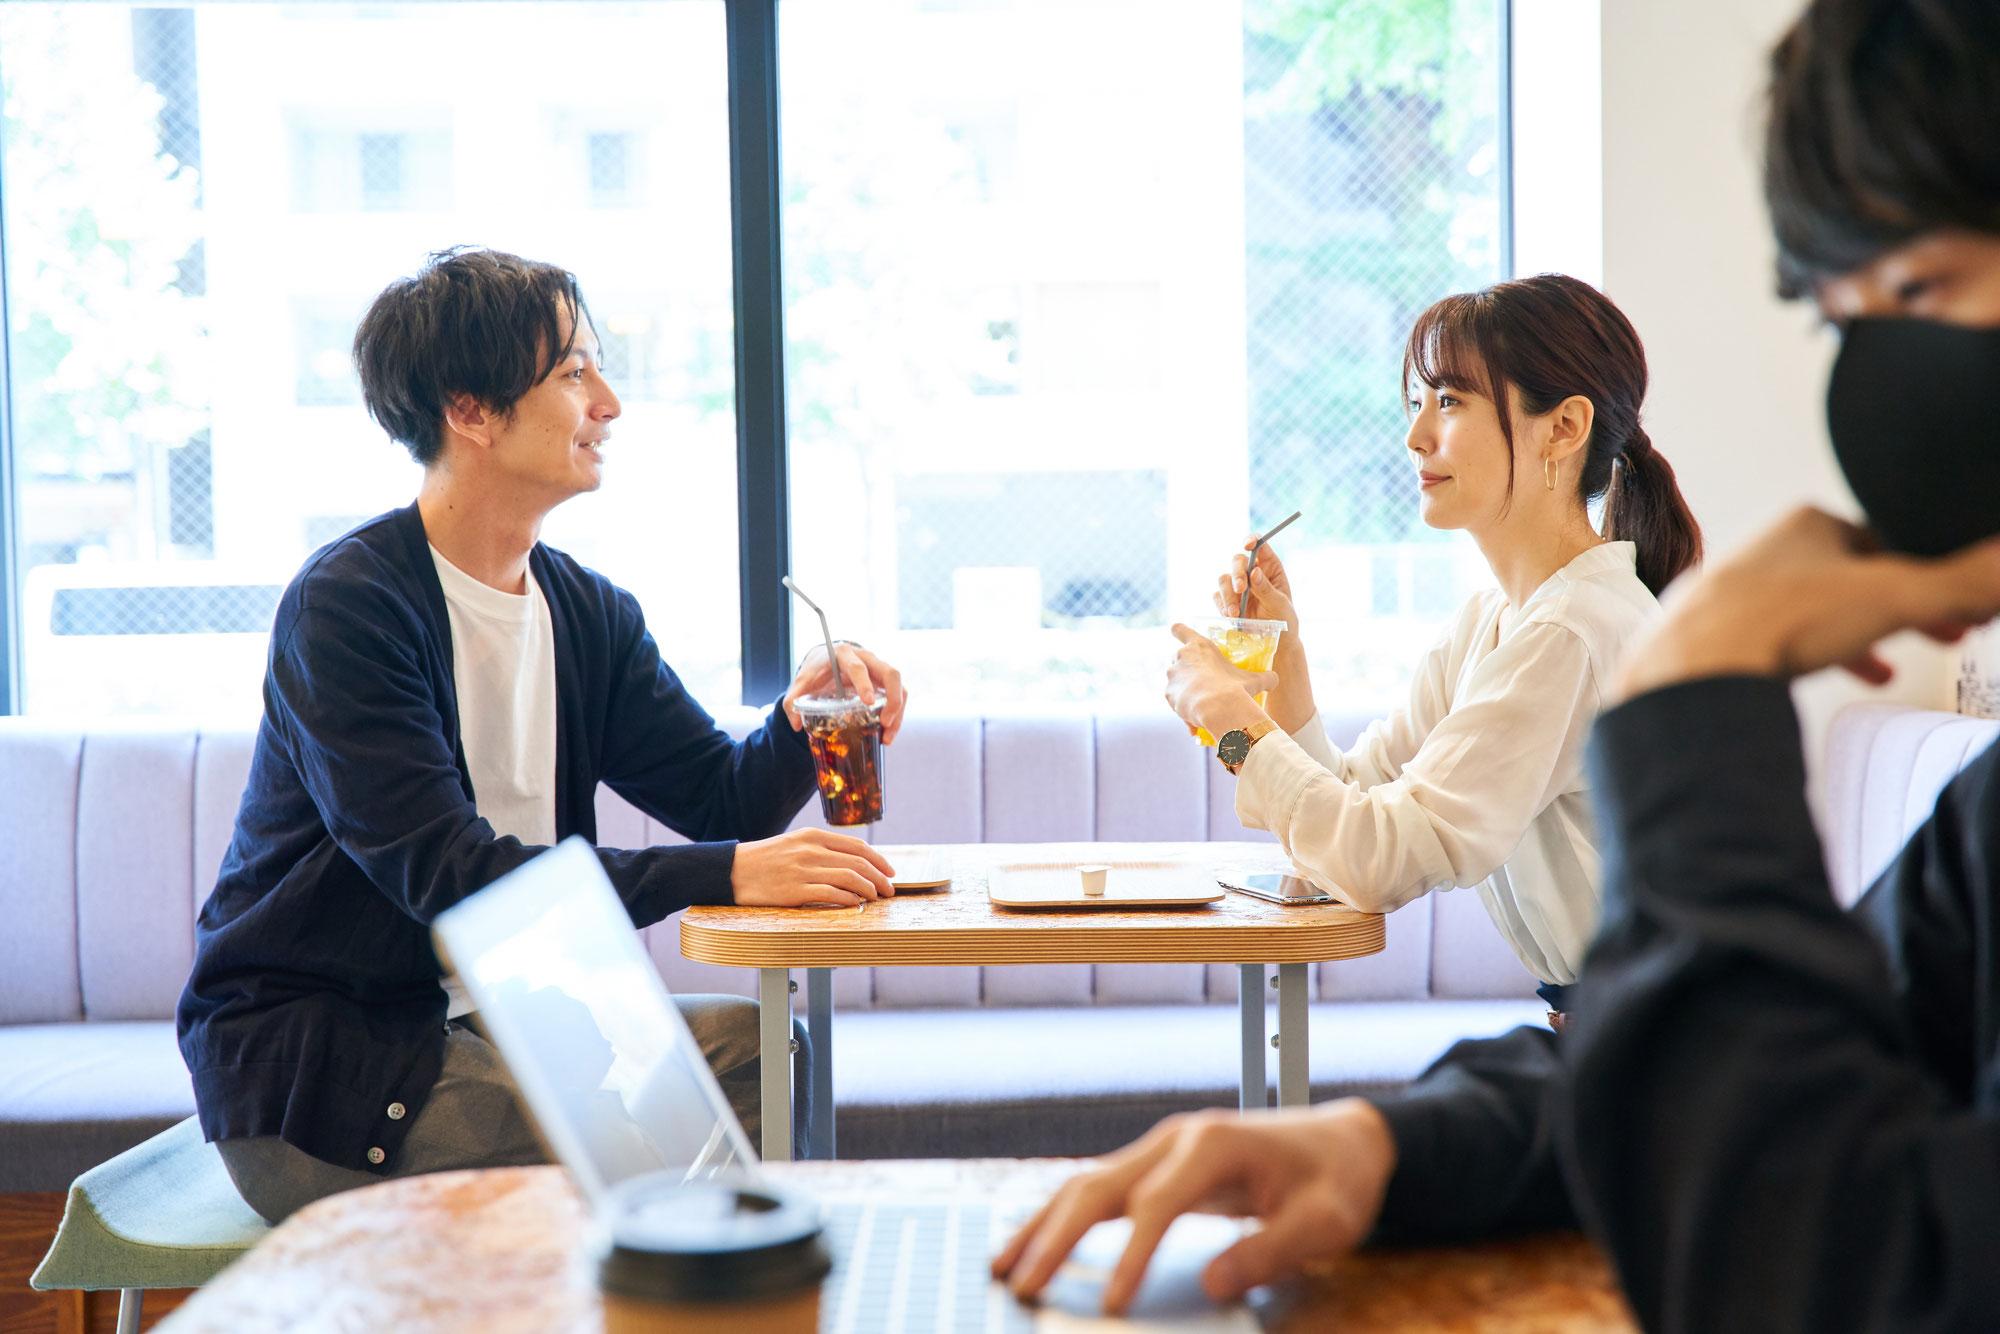 カフェで食事をしていると・・・お見合い中のお2人に遭遇!!